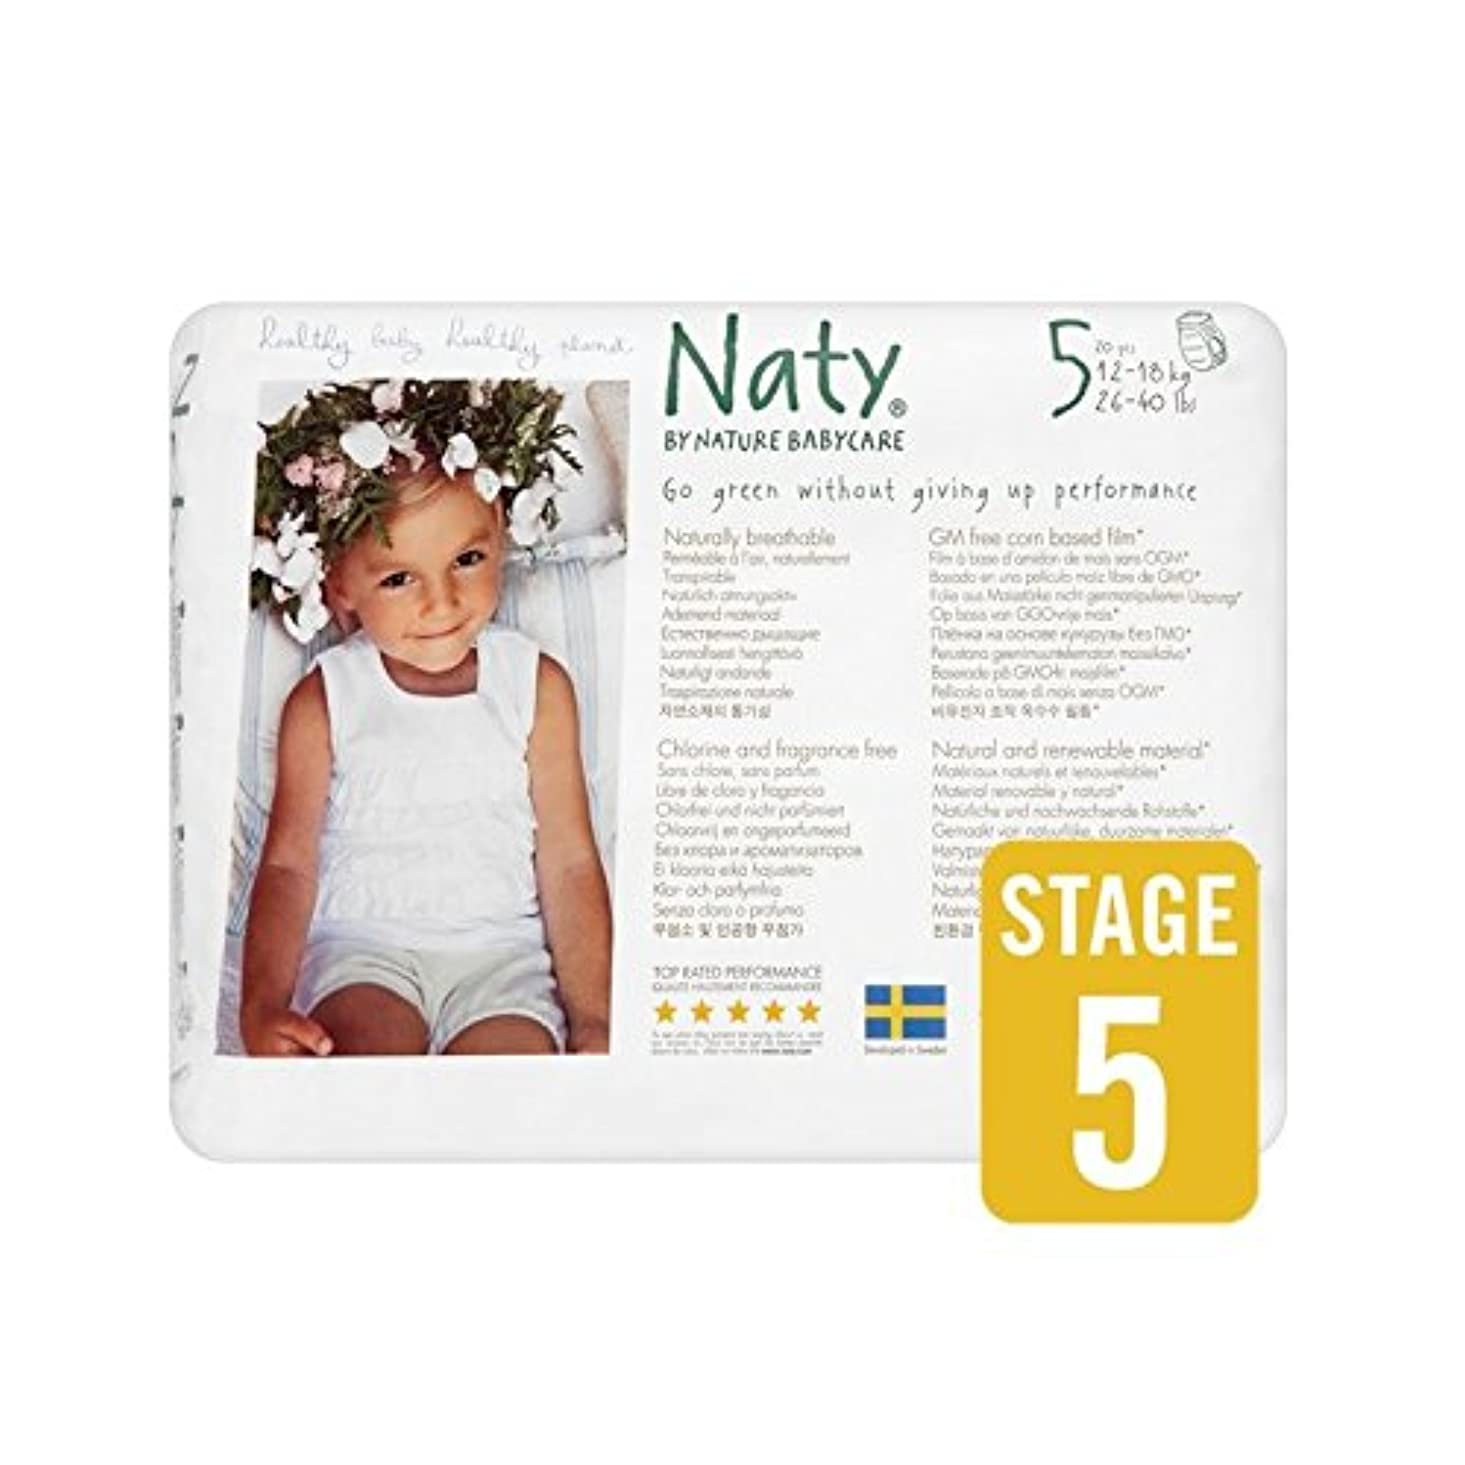 はぁ残り物無効にするNatyサイズ1パック5おむつパンツ20 (Nature) (x 6) - Naty Size 5 Nappy Pants 20 per pack (Pack of 6) [並行輸入品]